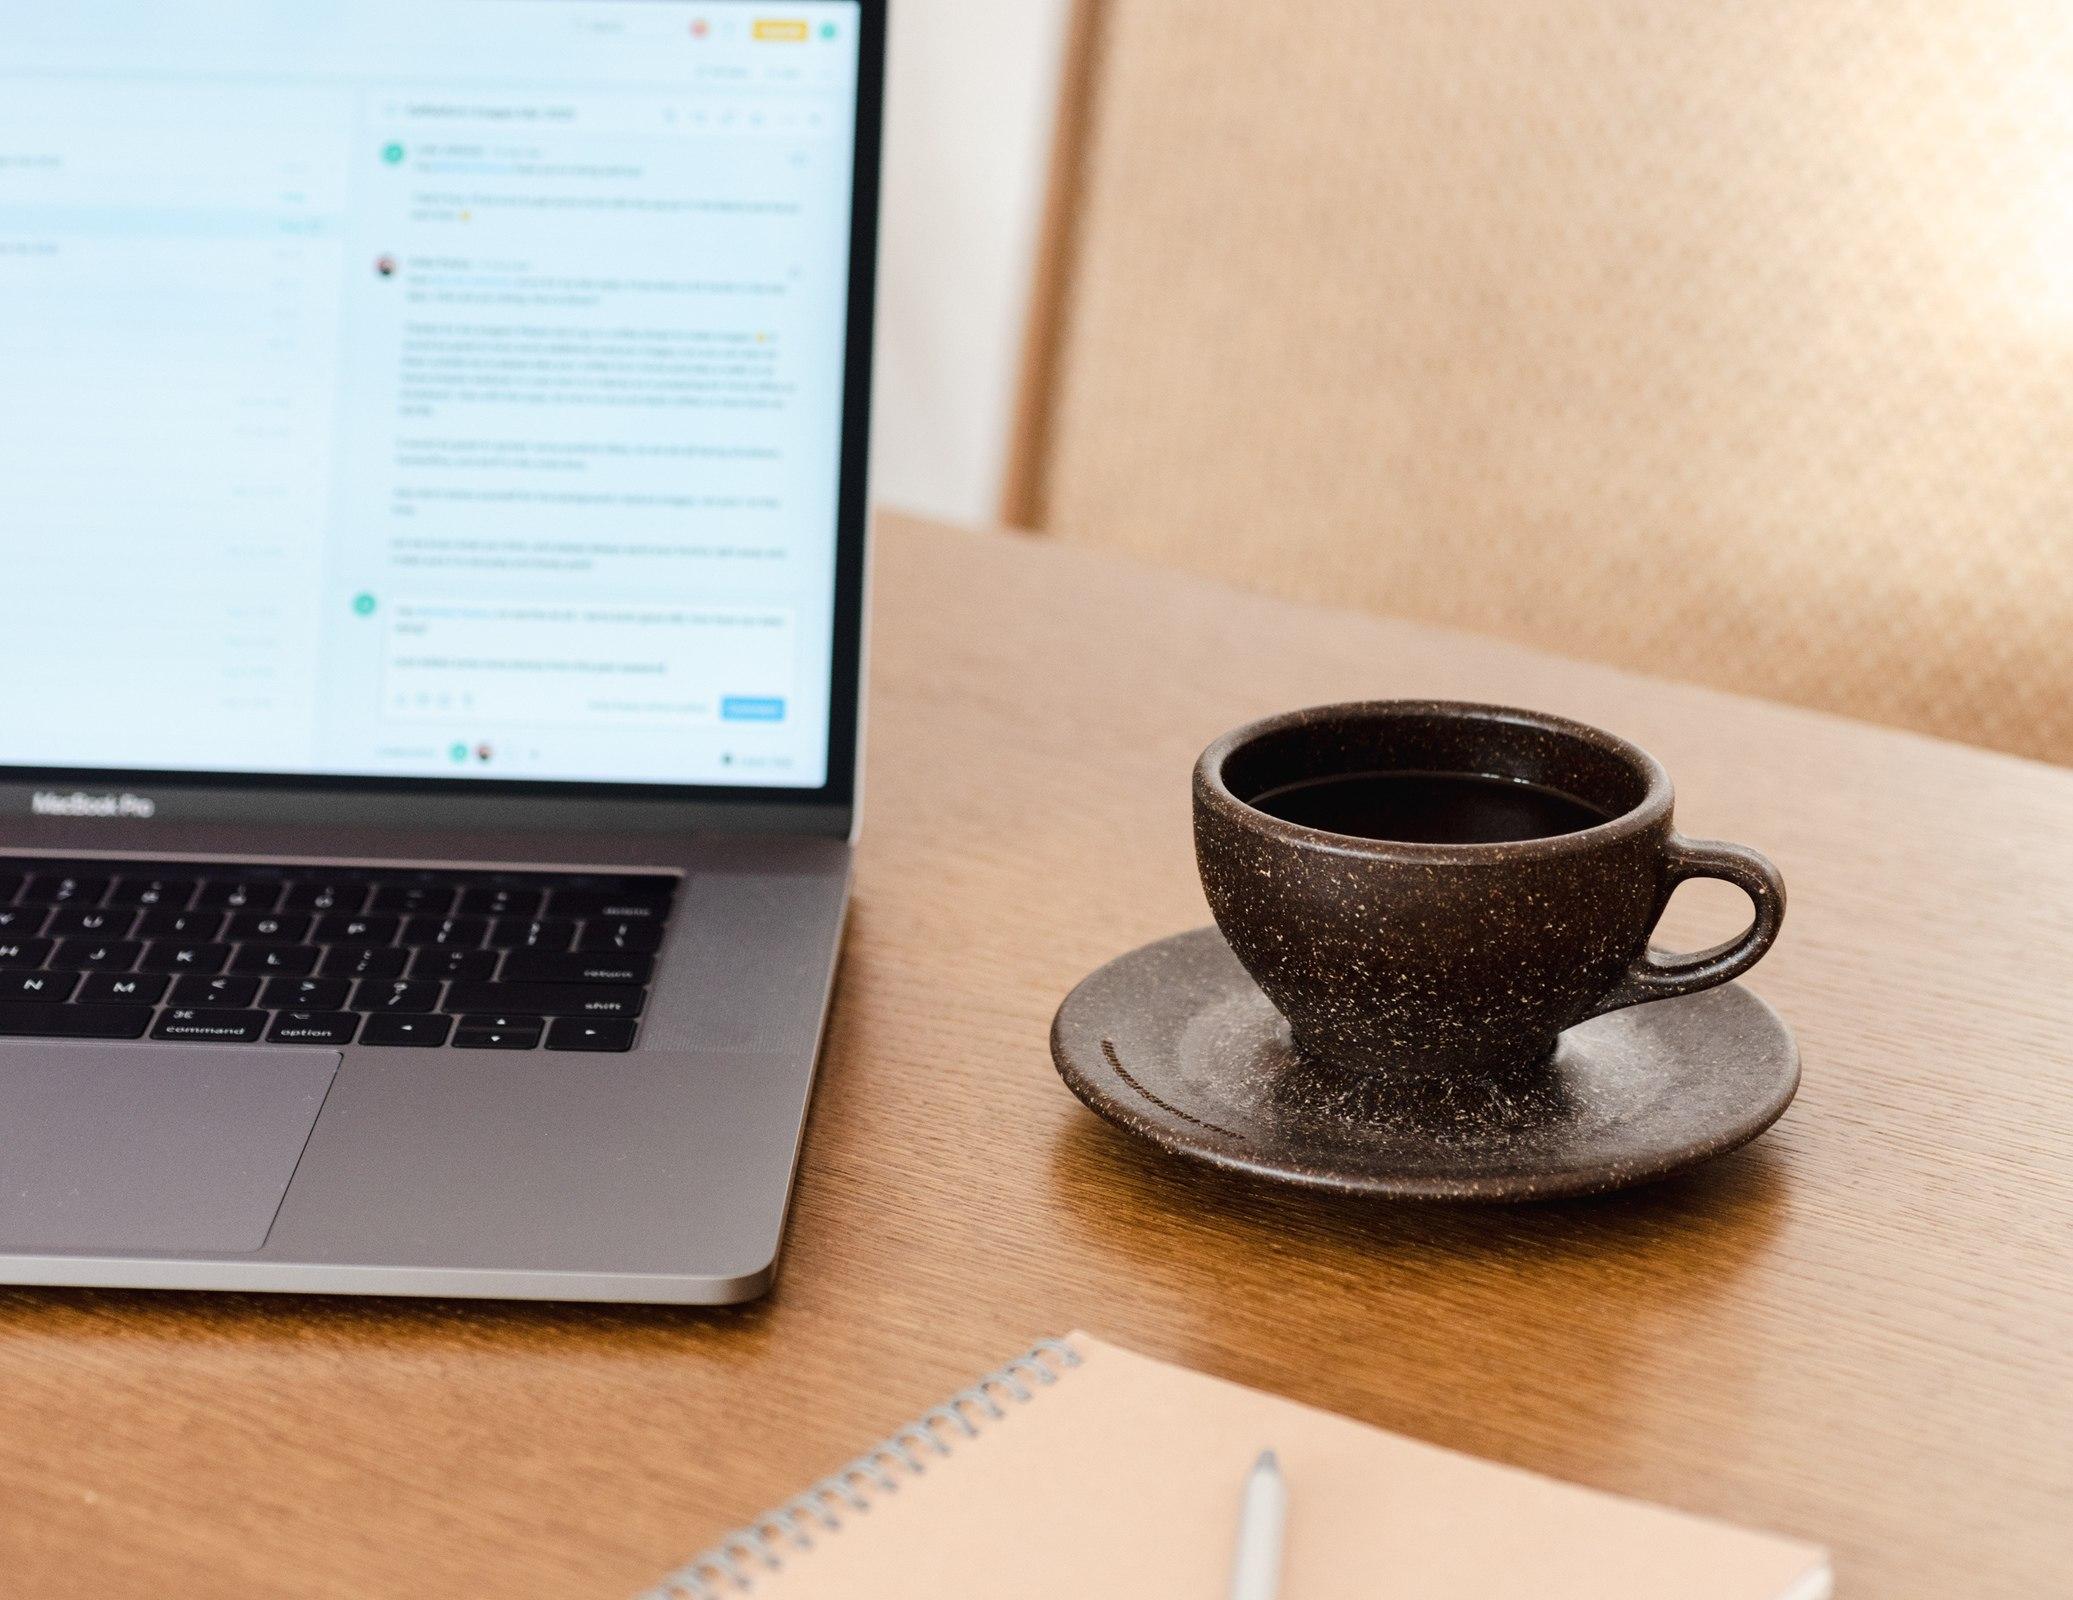 Kaffeeform Cup auf einem Schreibtisch mit einem Laptop